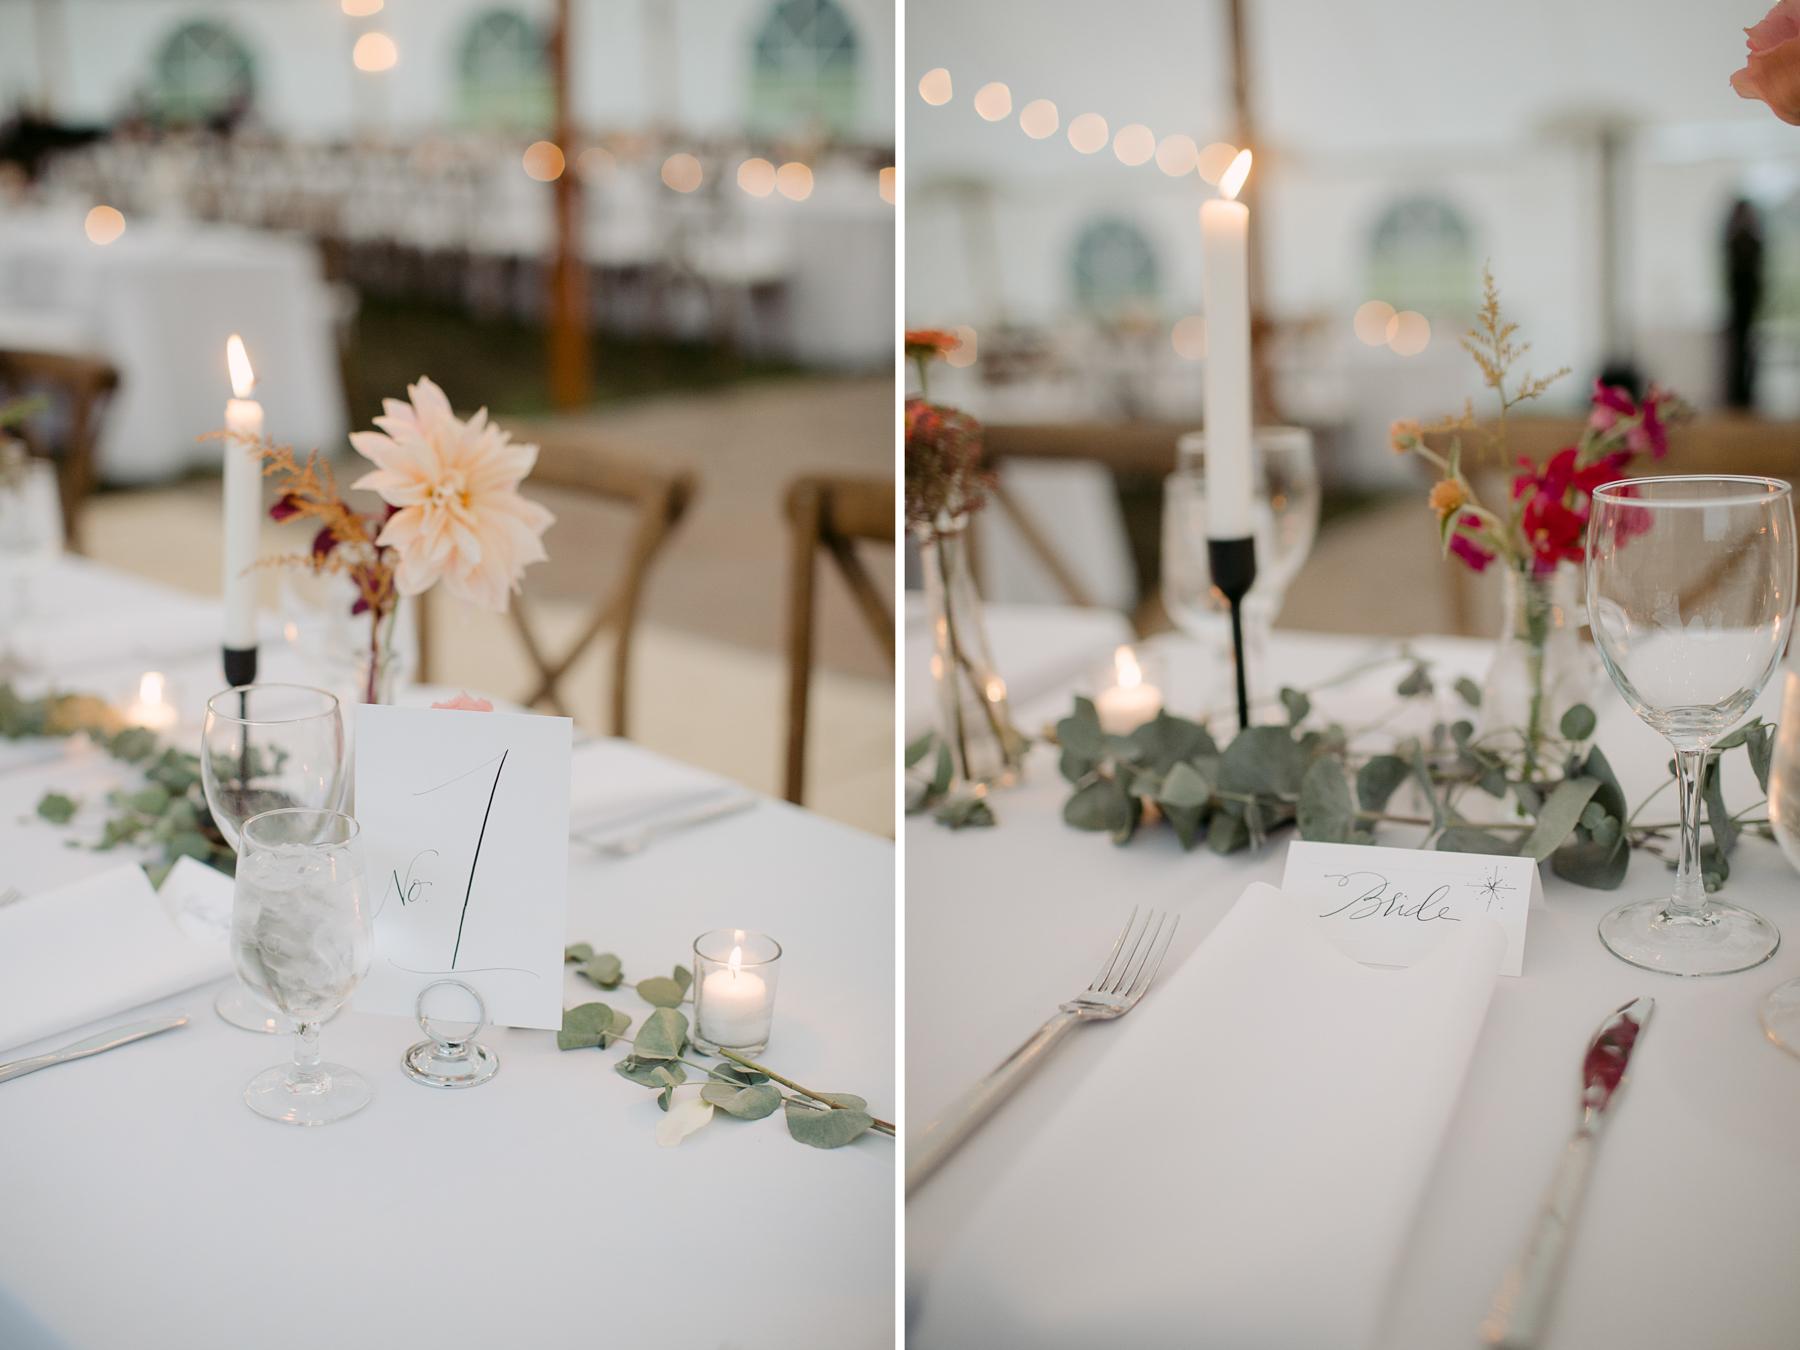 Hamilton_House_wedding_maine_Leah_Fisher_Photography-33.jpg